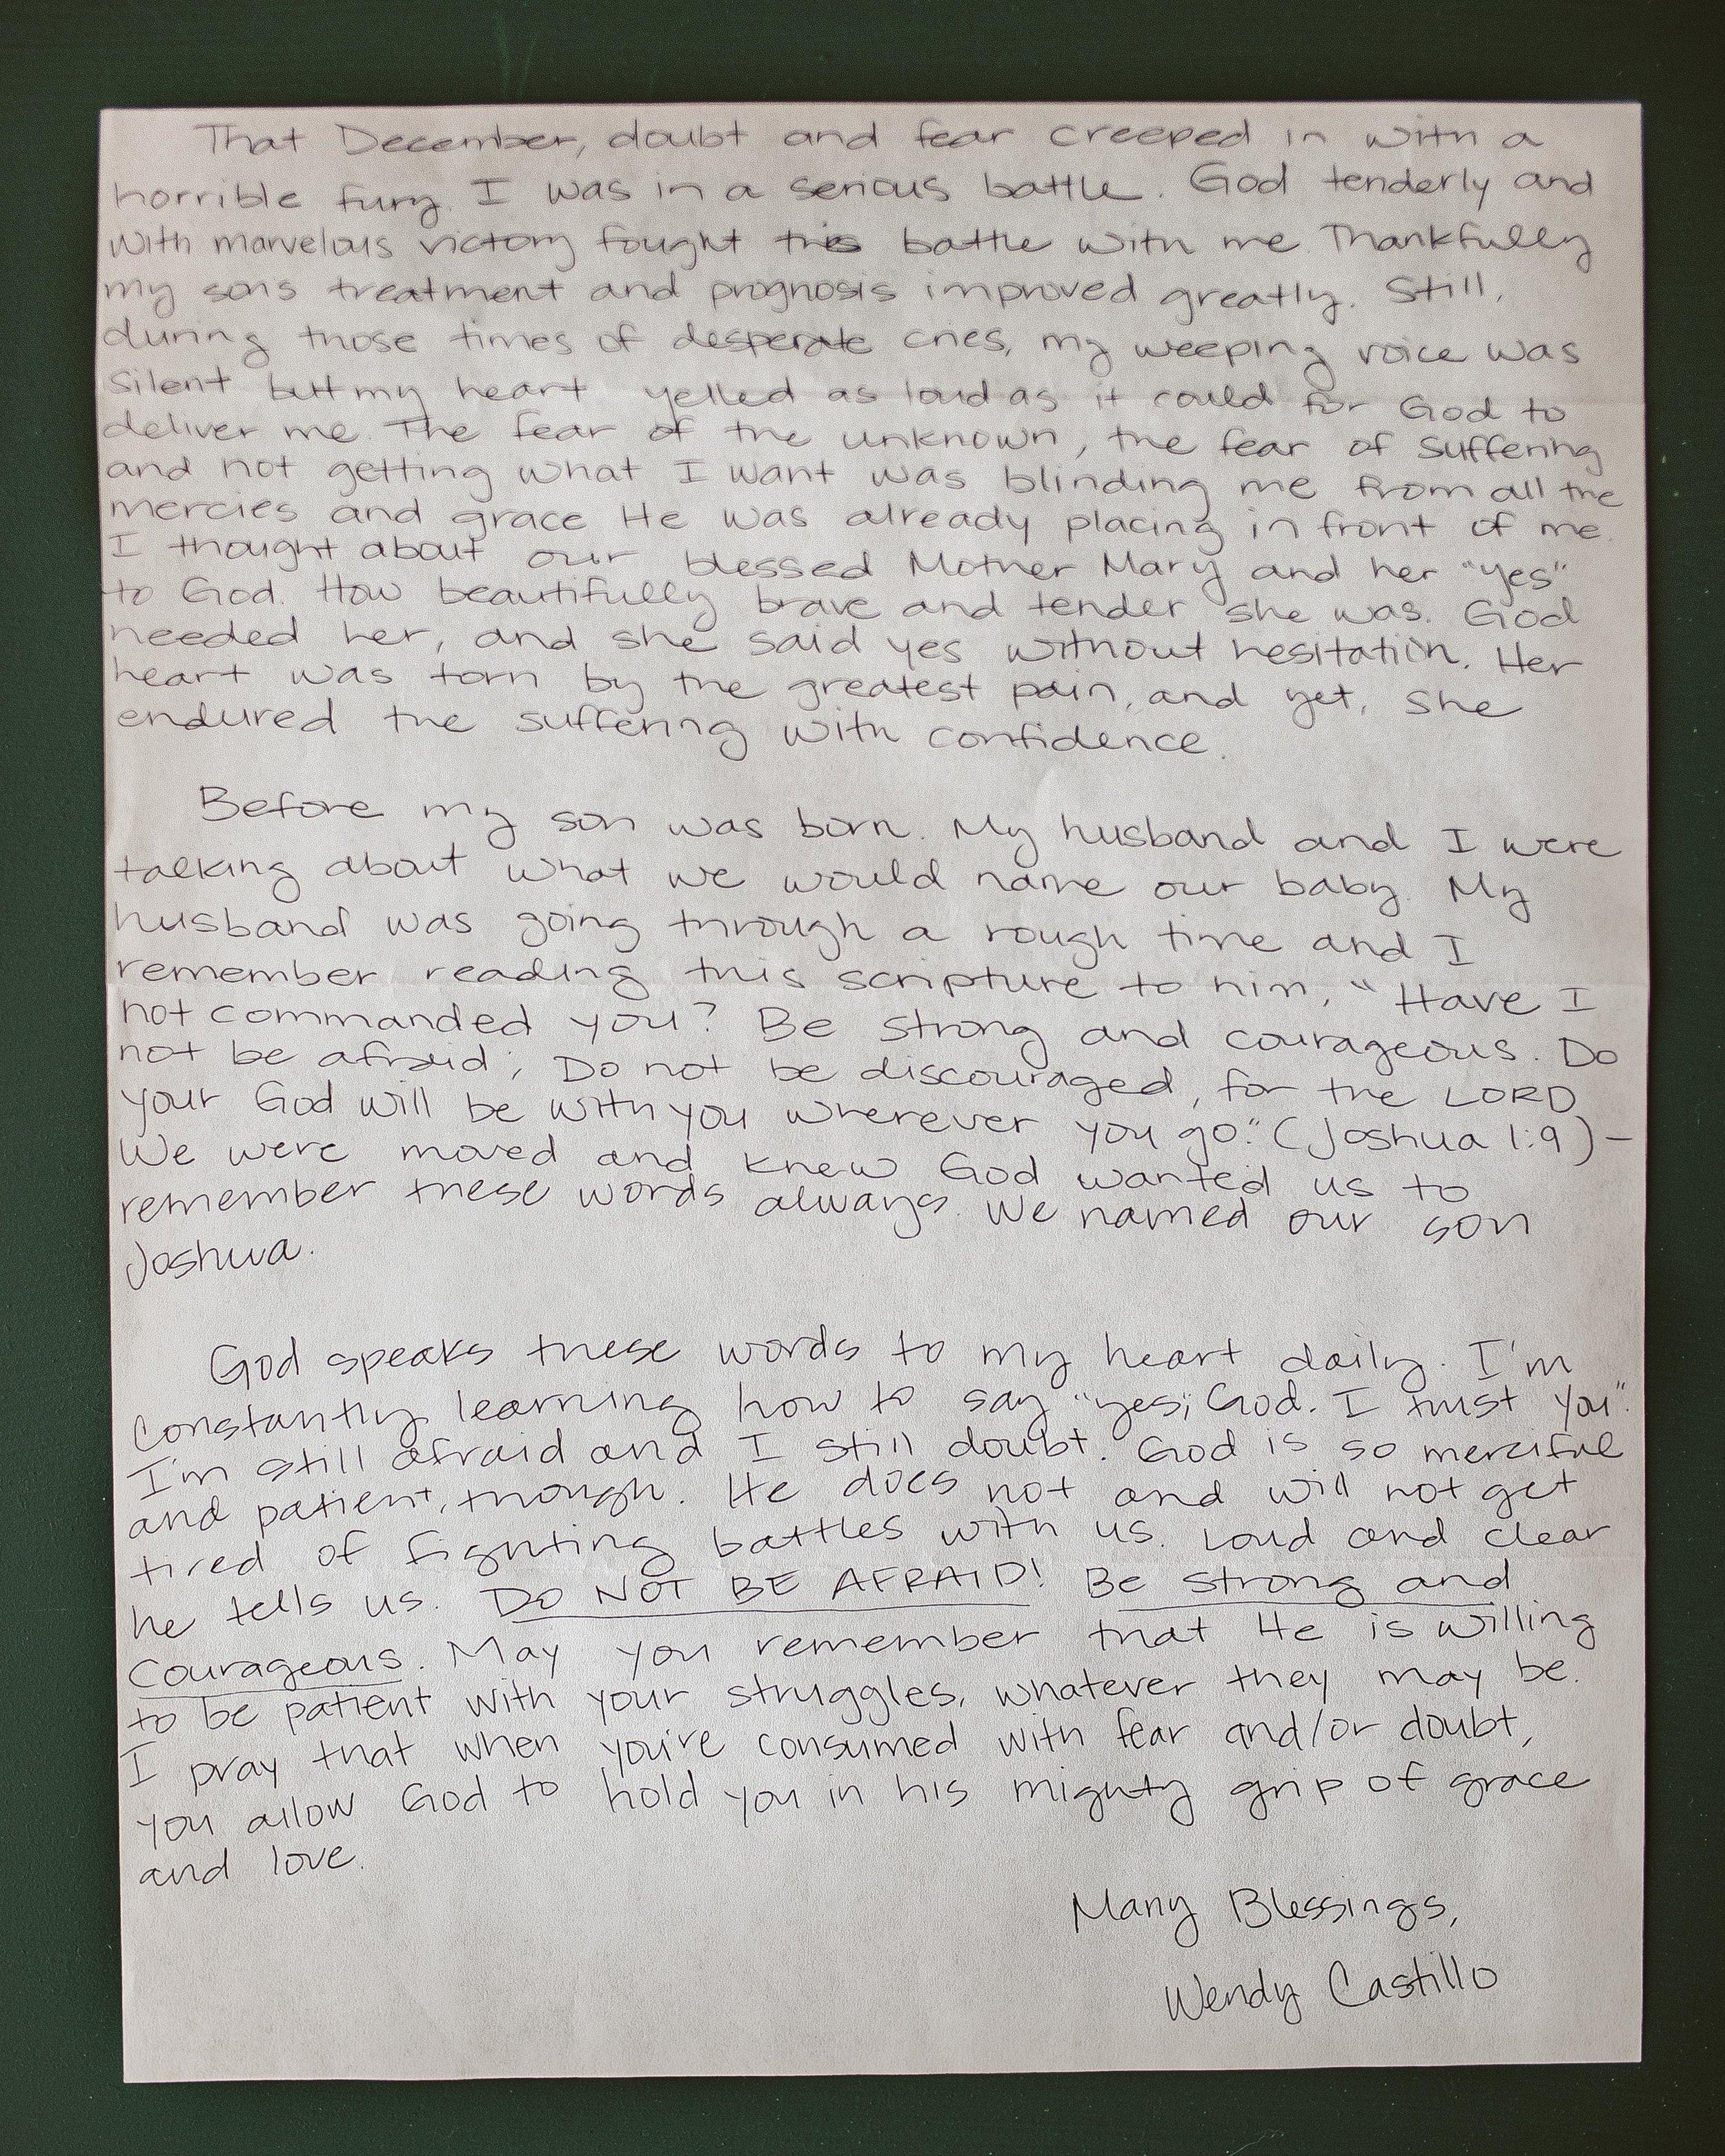 Wendy Castillo Letter to Women 2